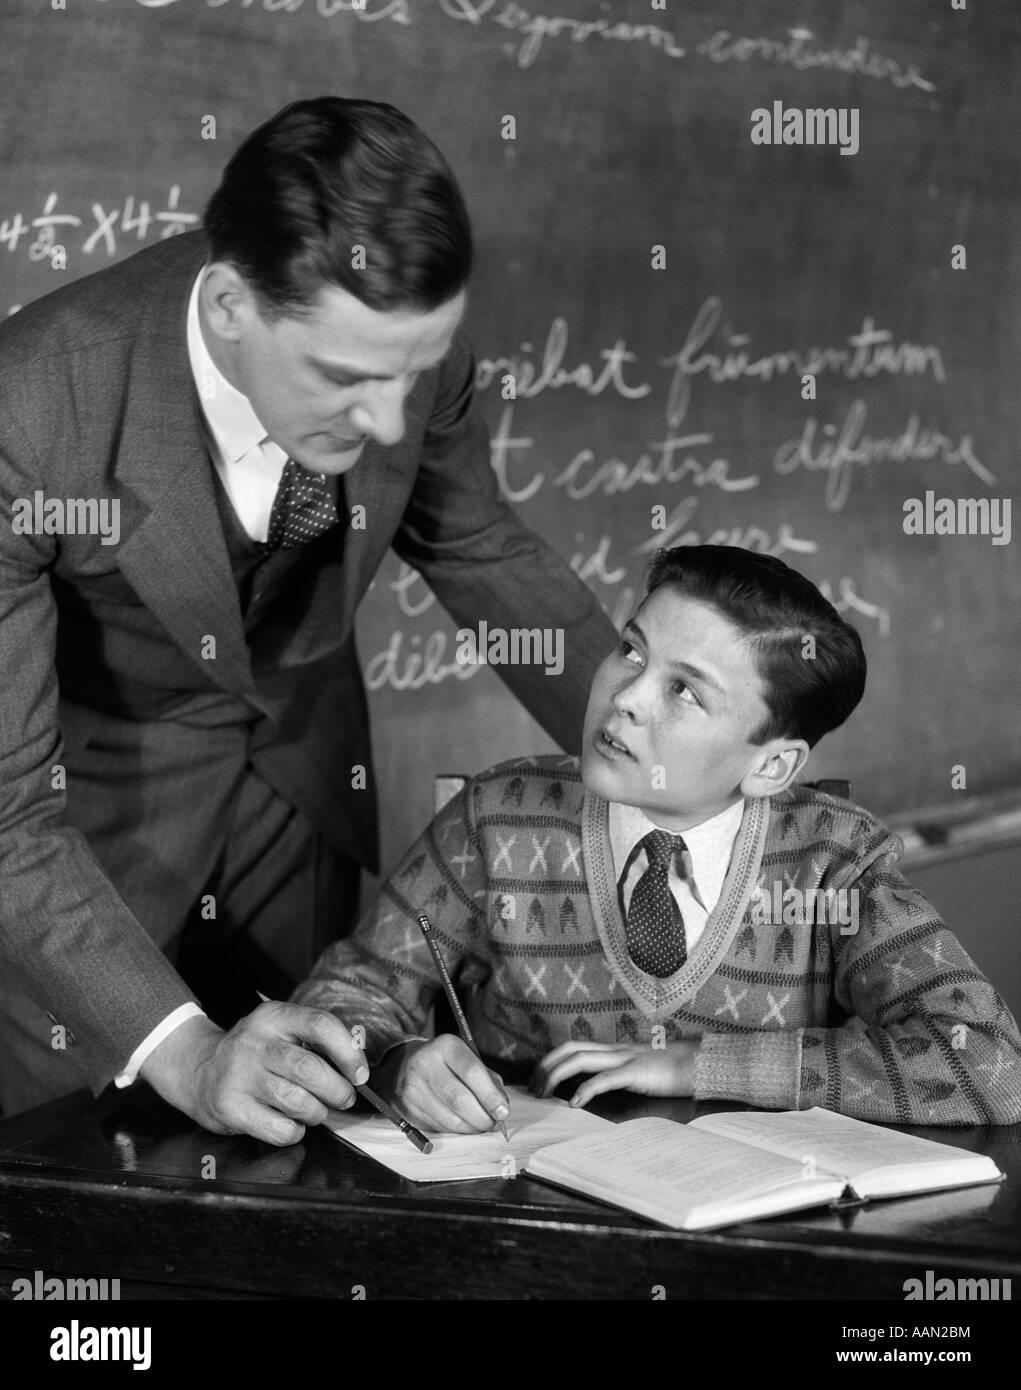 1920 Aula docente masculino ayudando Boy en el escritorio - BLACKBOARD EN SEGUNDO PLANO. Imagen De Stock